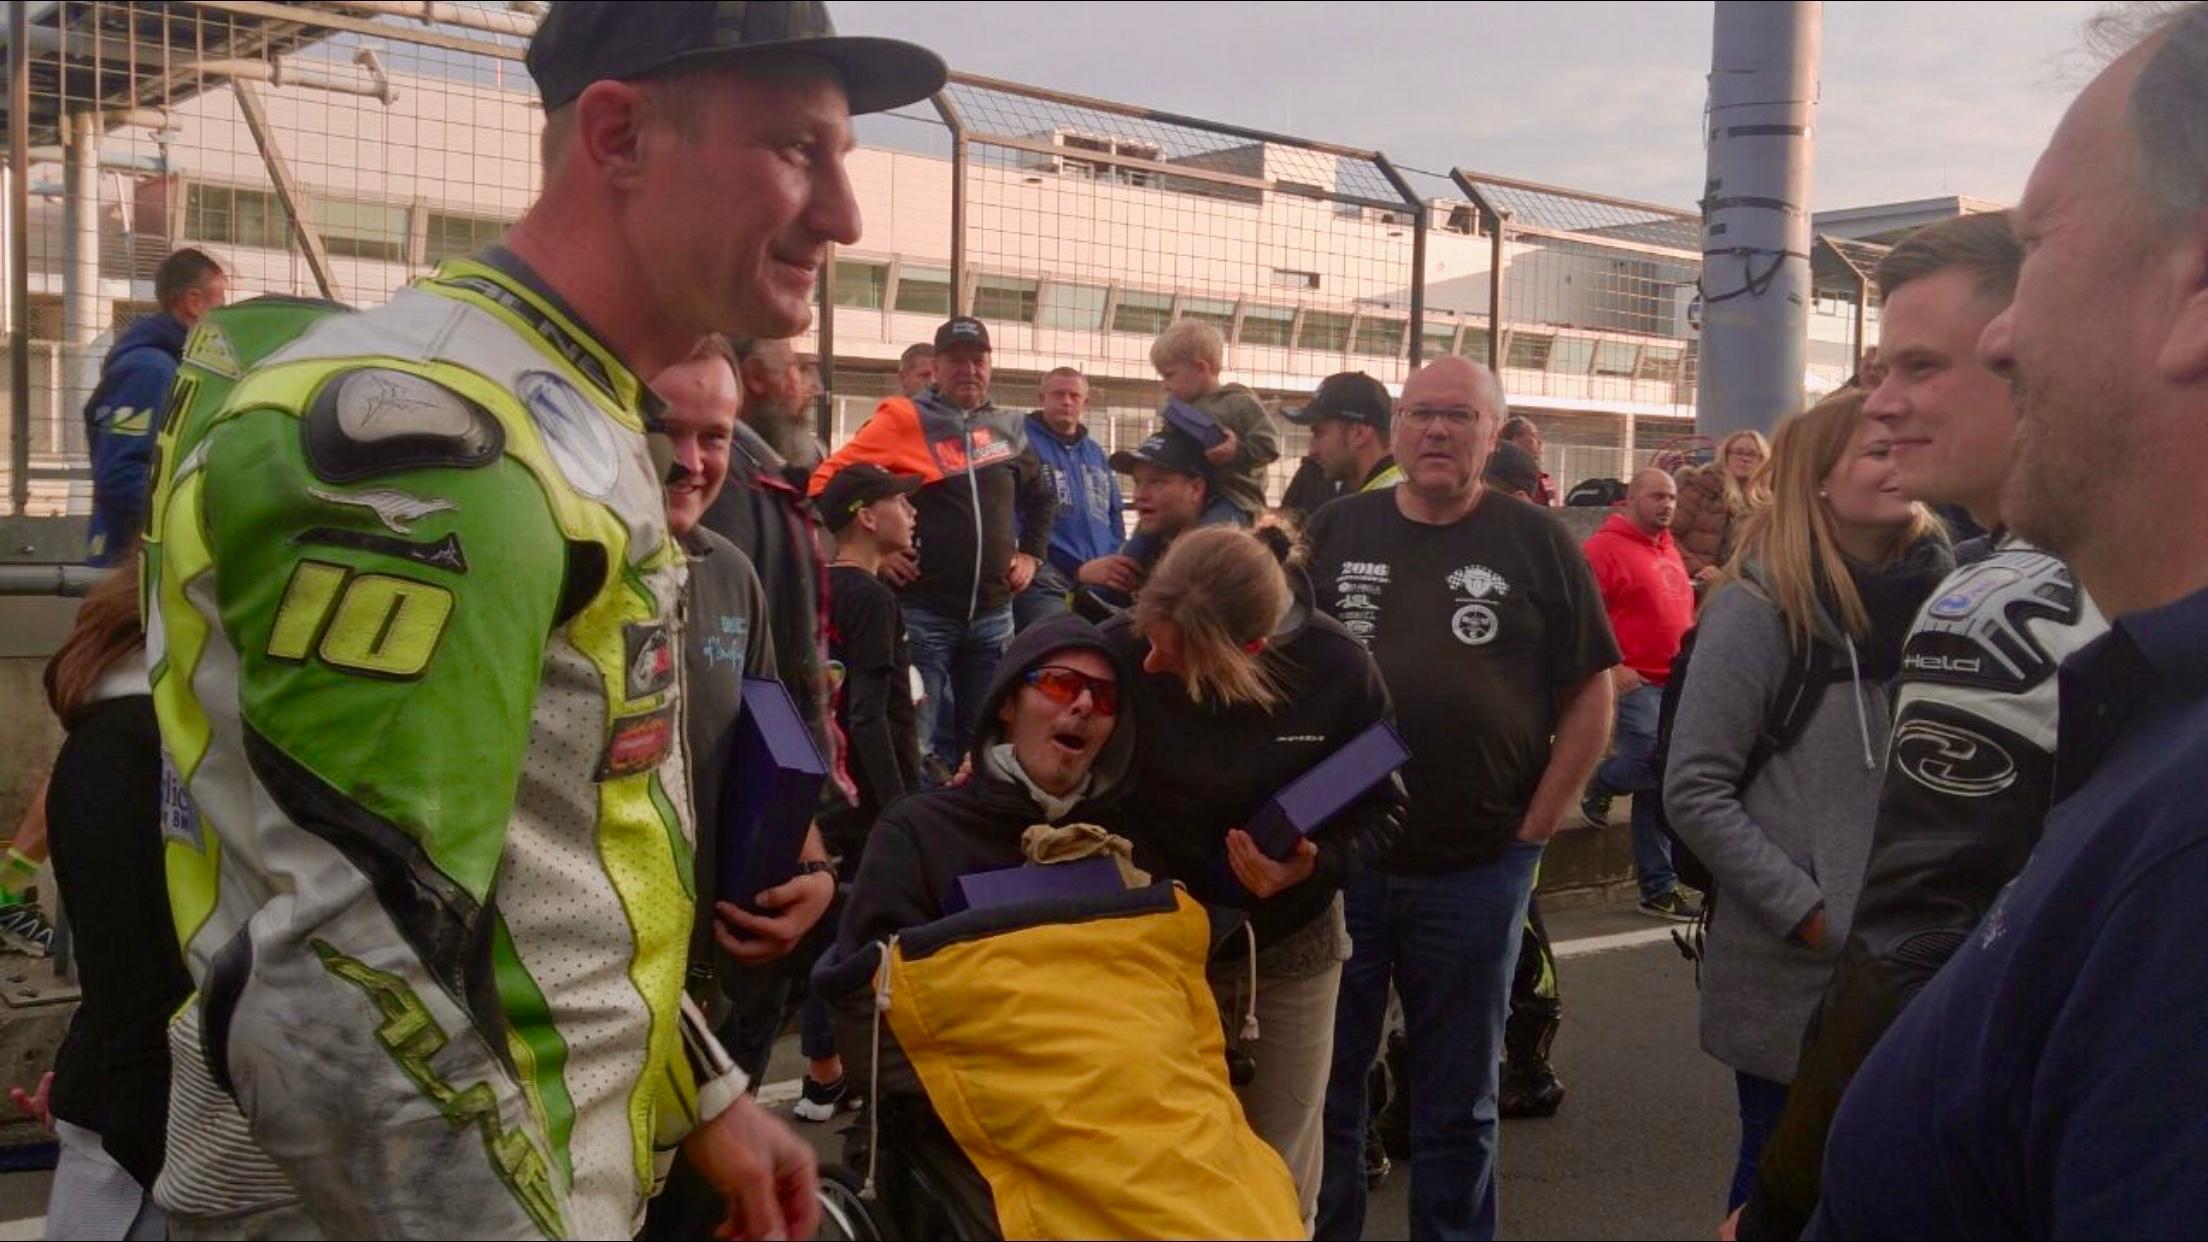 Stefan unter Schock: Rührung Expertenlevel nachdem er von einigen Racer deren Pokale geschenkt bekam. Vielen herzlichen Dank! Die Racercummunity vergisst keinen!